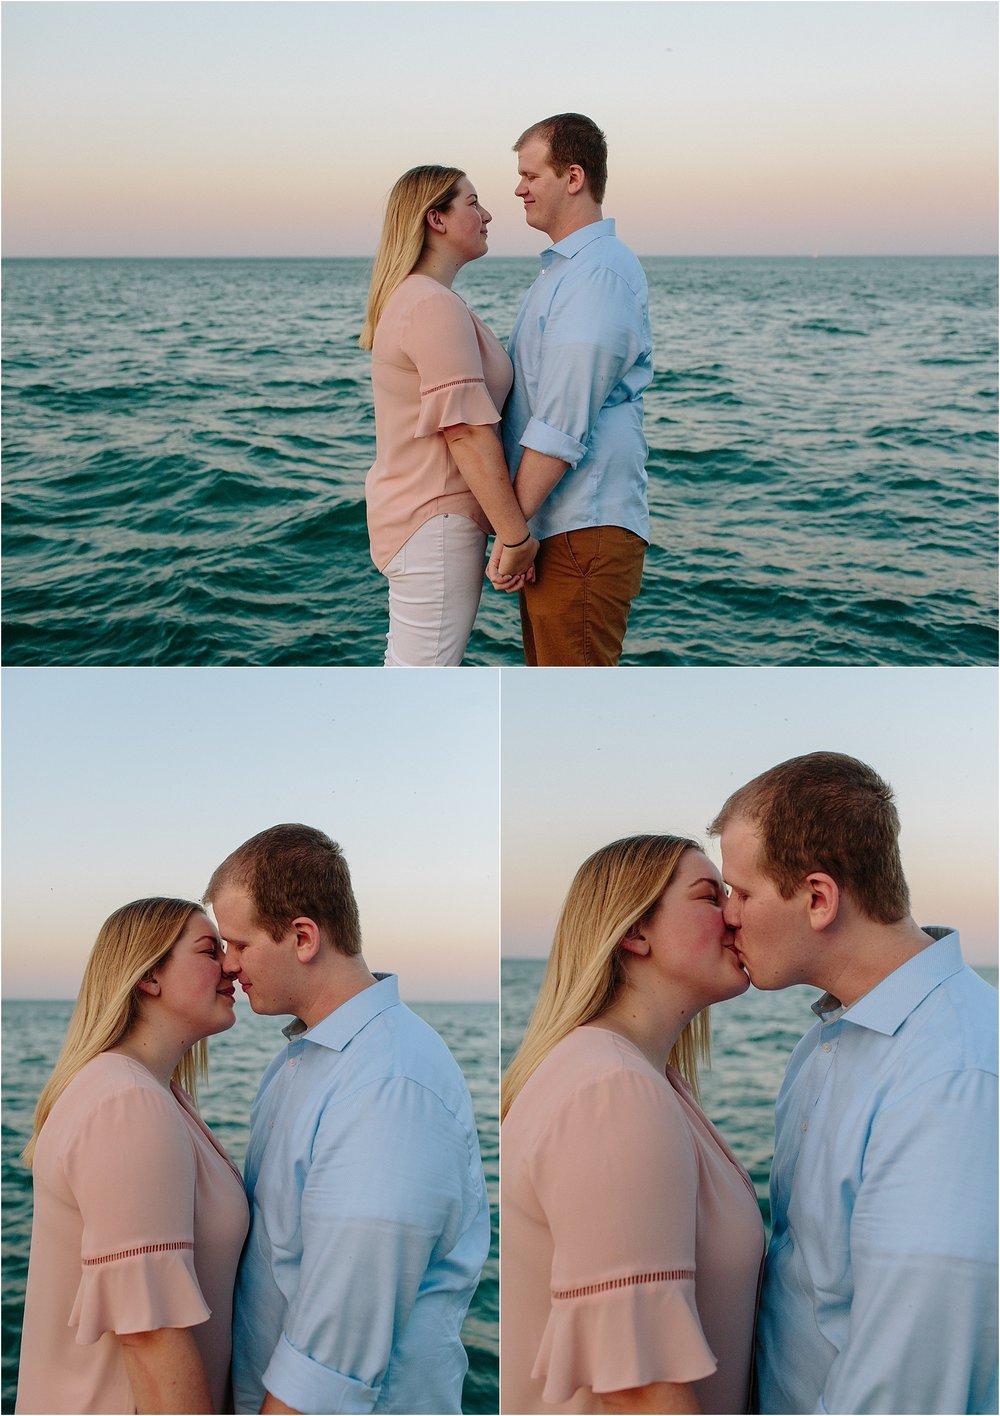 chicago-sunset-engagement-shoot-9.jpg